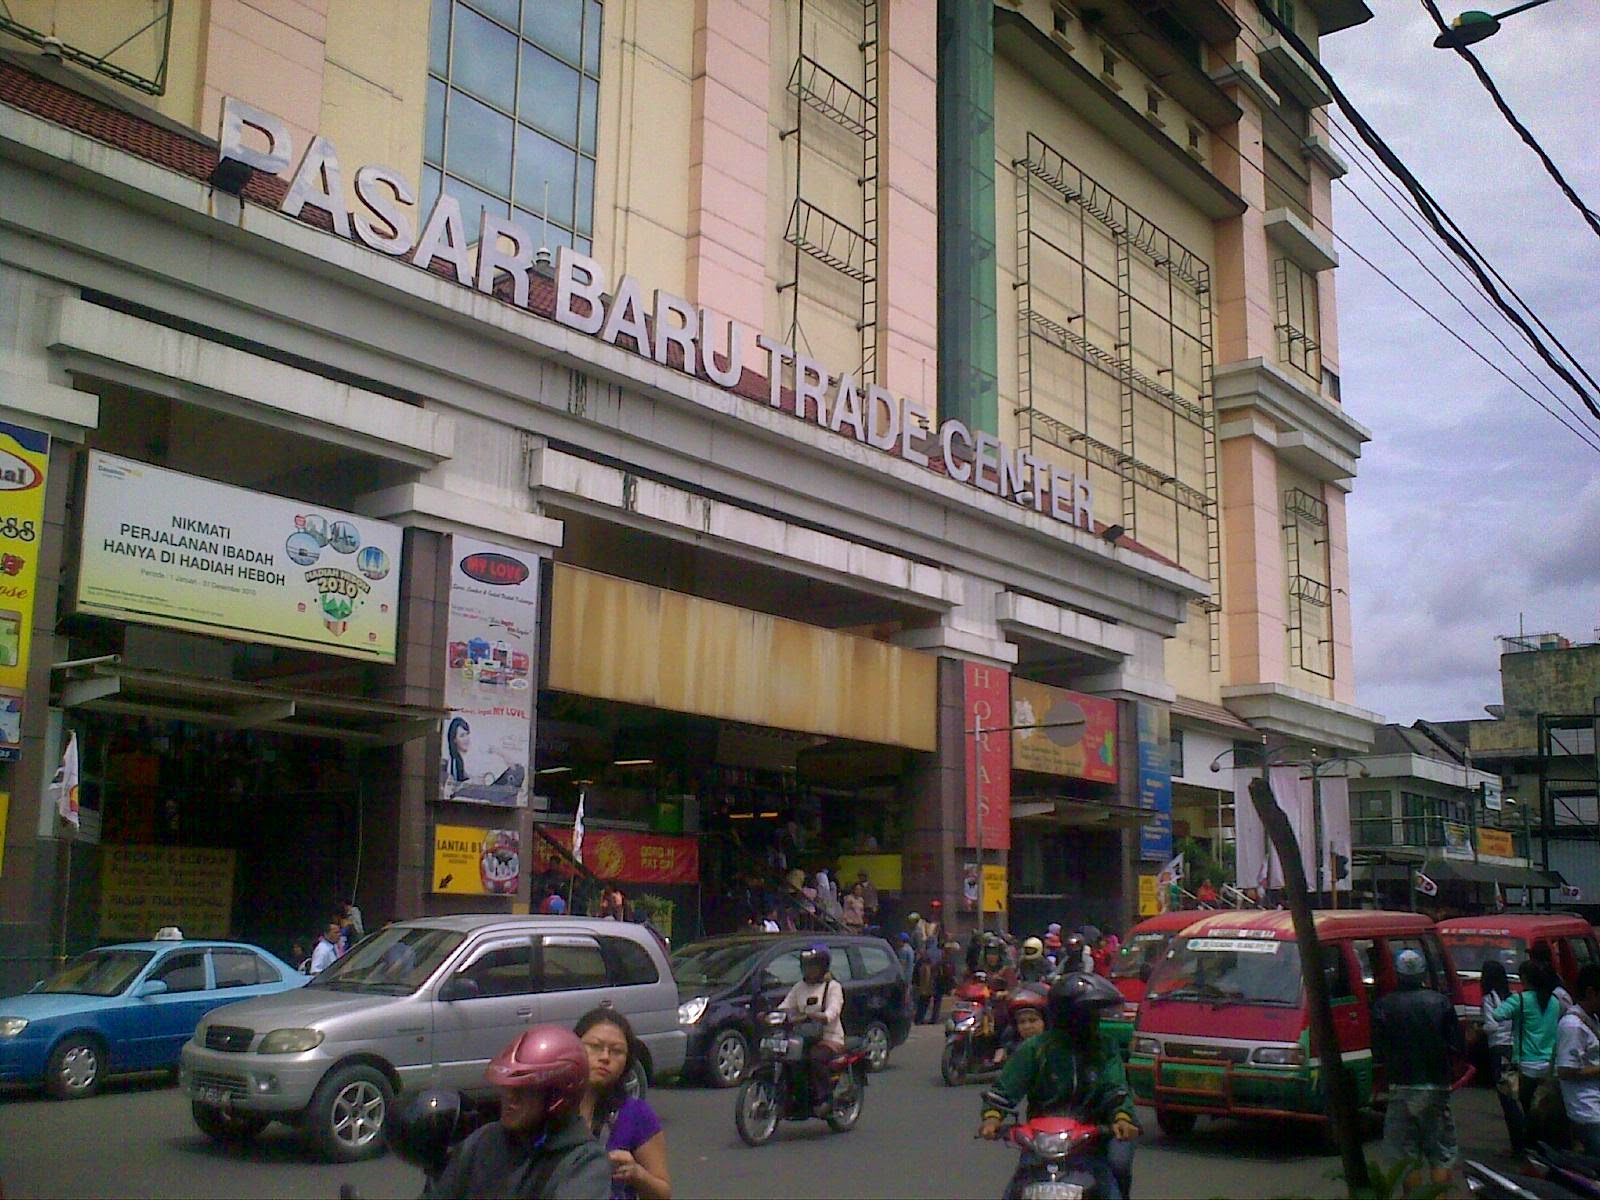 Tempat dan Objek Wisata Pasar Baru di Bandung